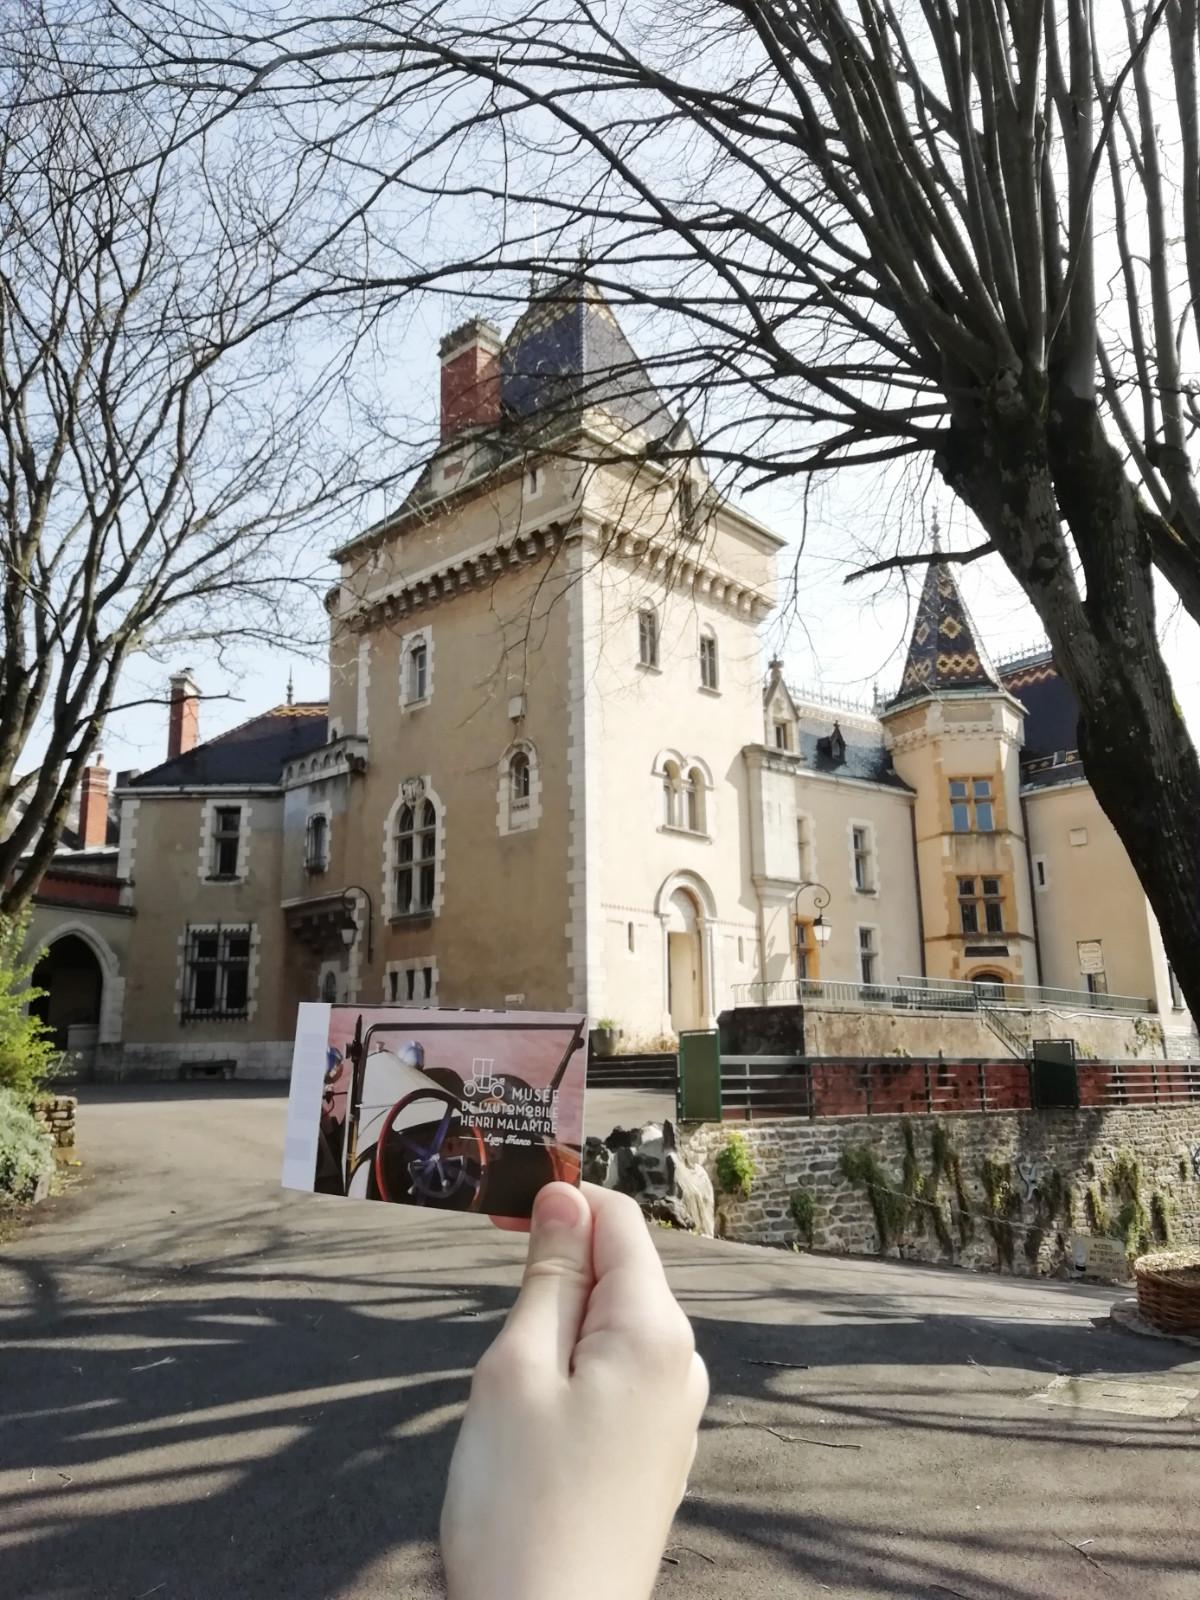 Musee Malartre Une Idee De Sortie En Famille Aux Portes De Lyon